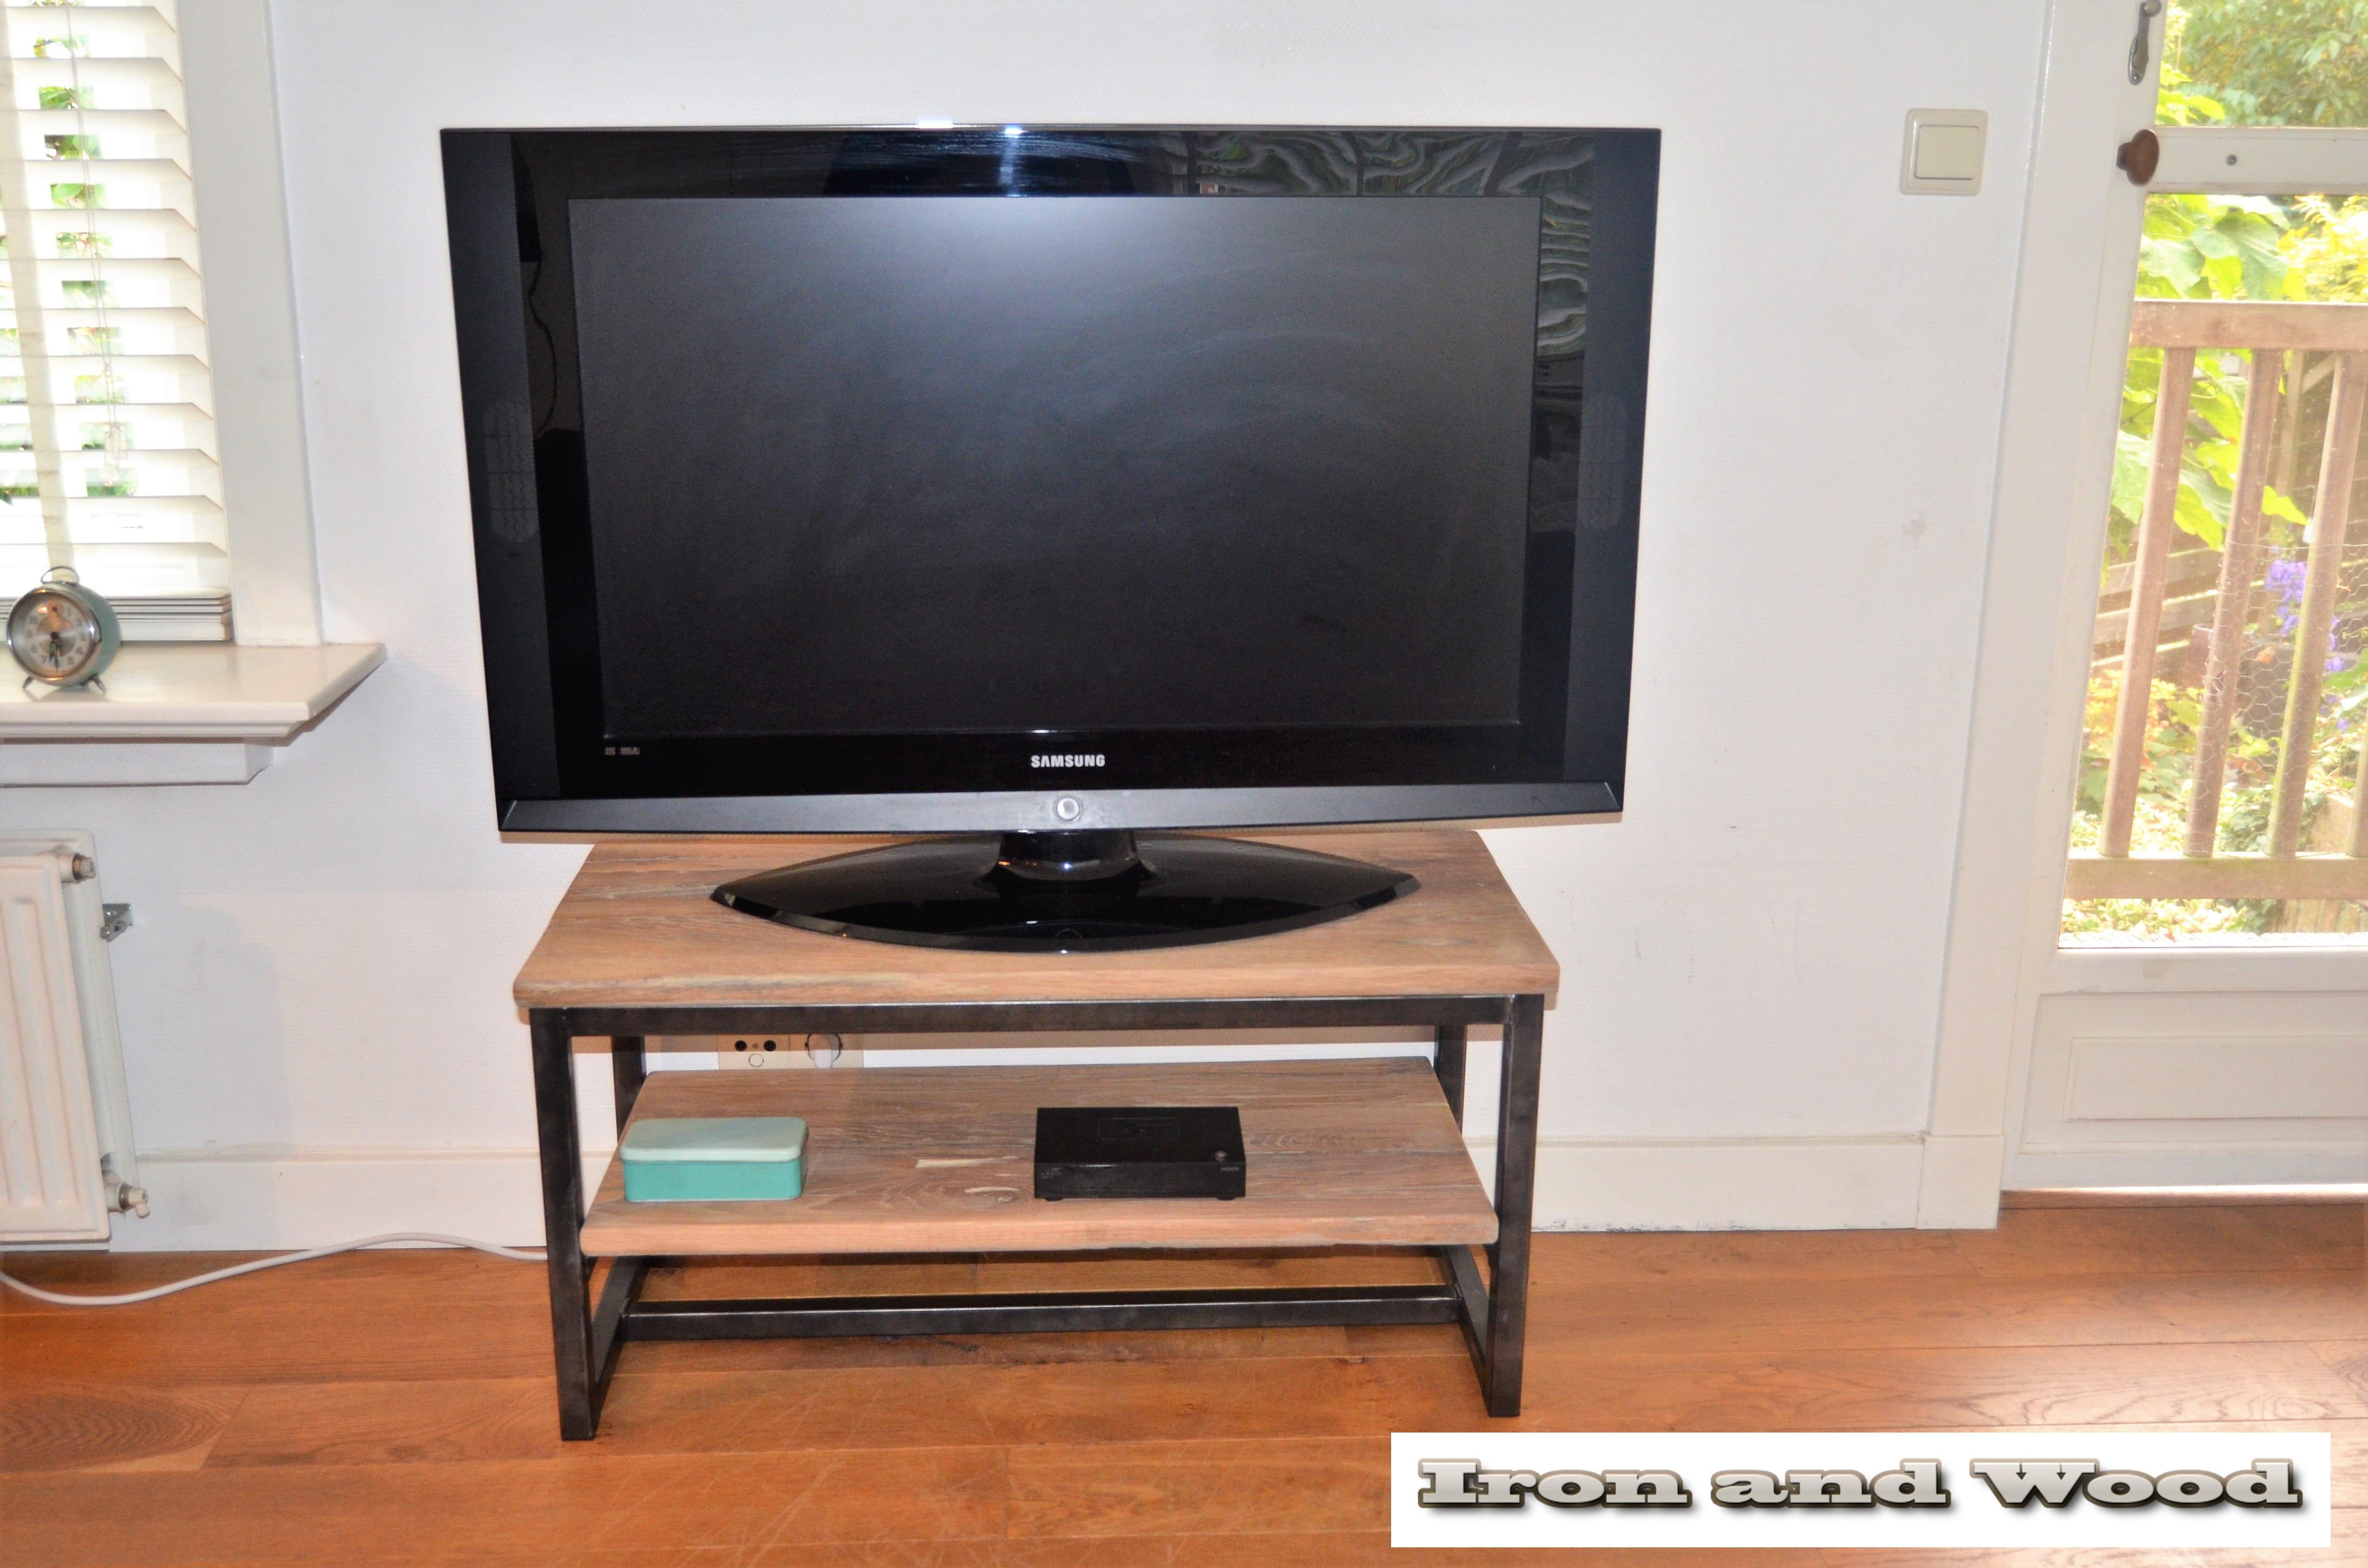 Samsung Tv Met Meubel.Industrieel Tv Meubel Met Onderblad Van Staal En Oud Eiken Wagondelen